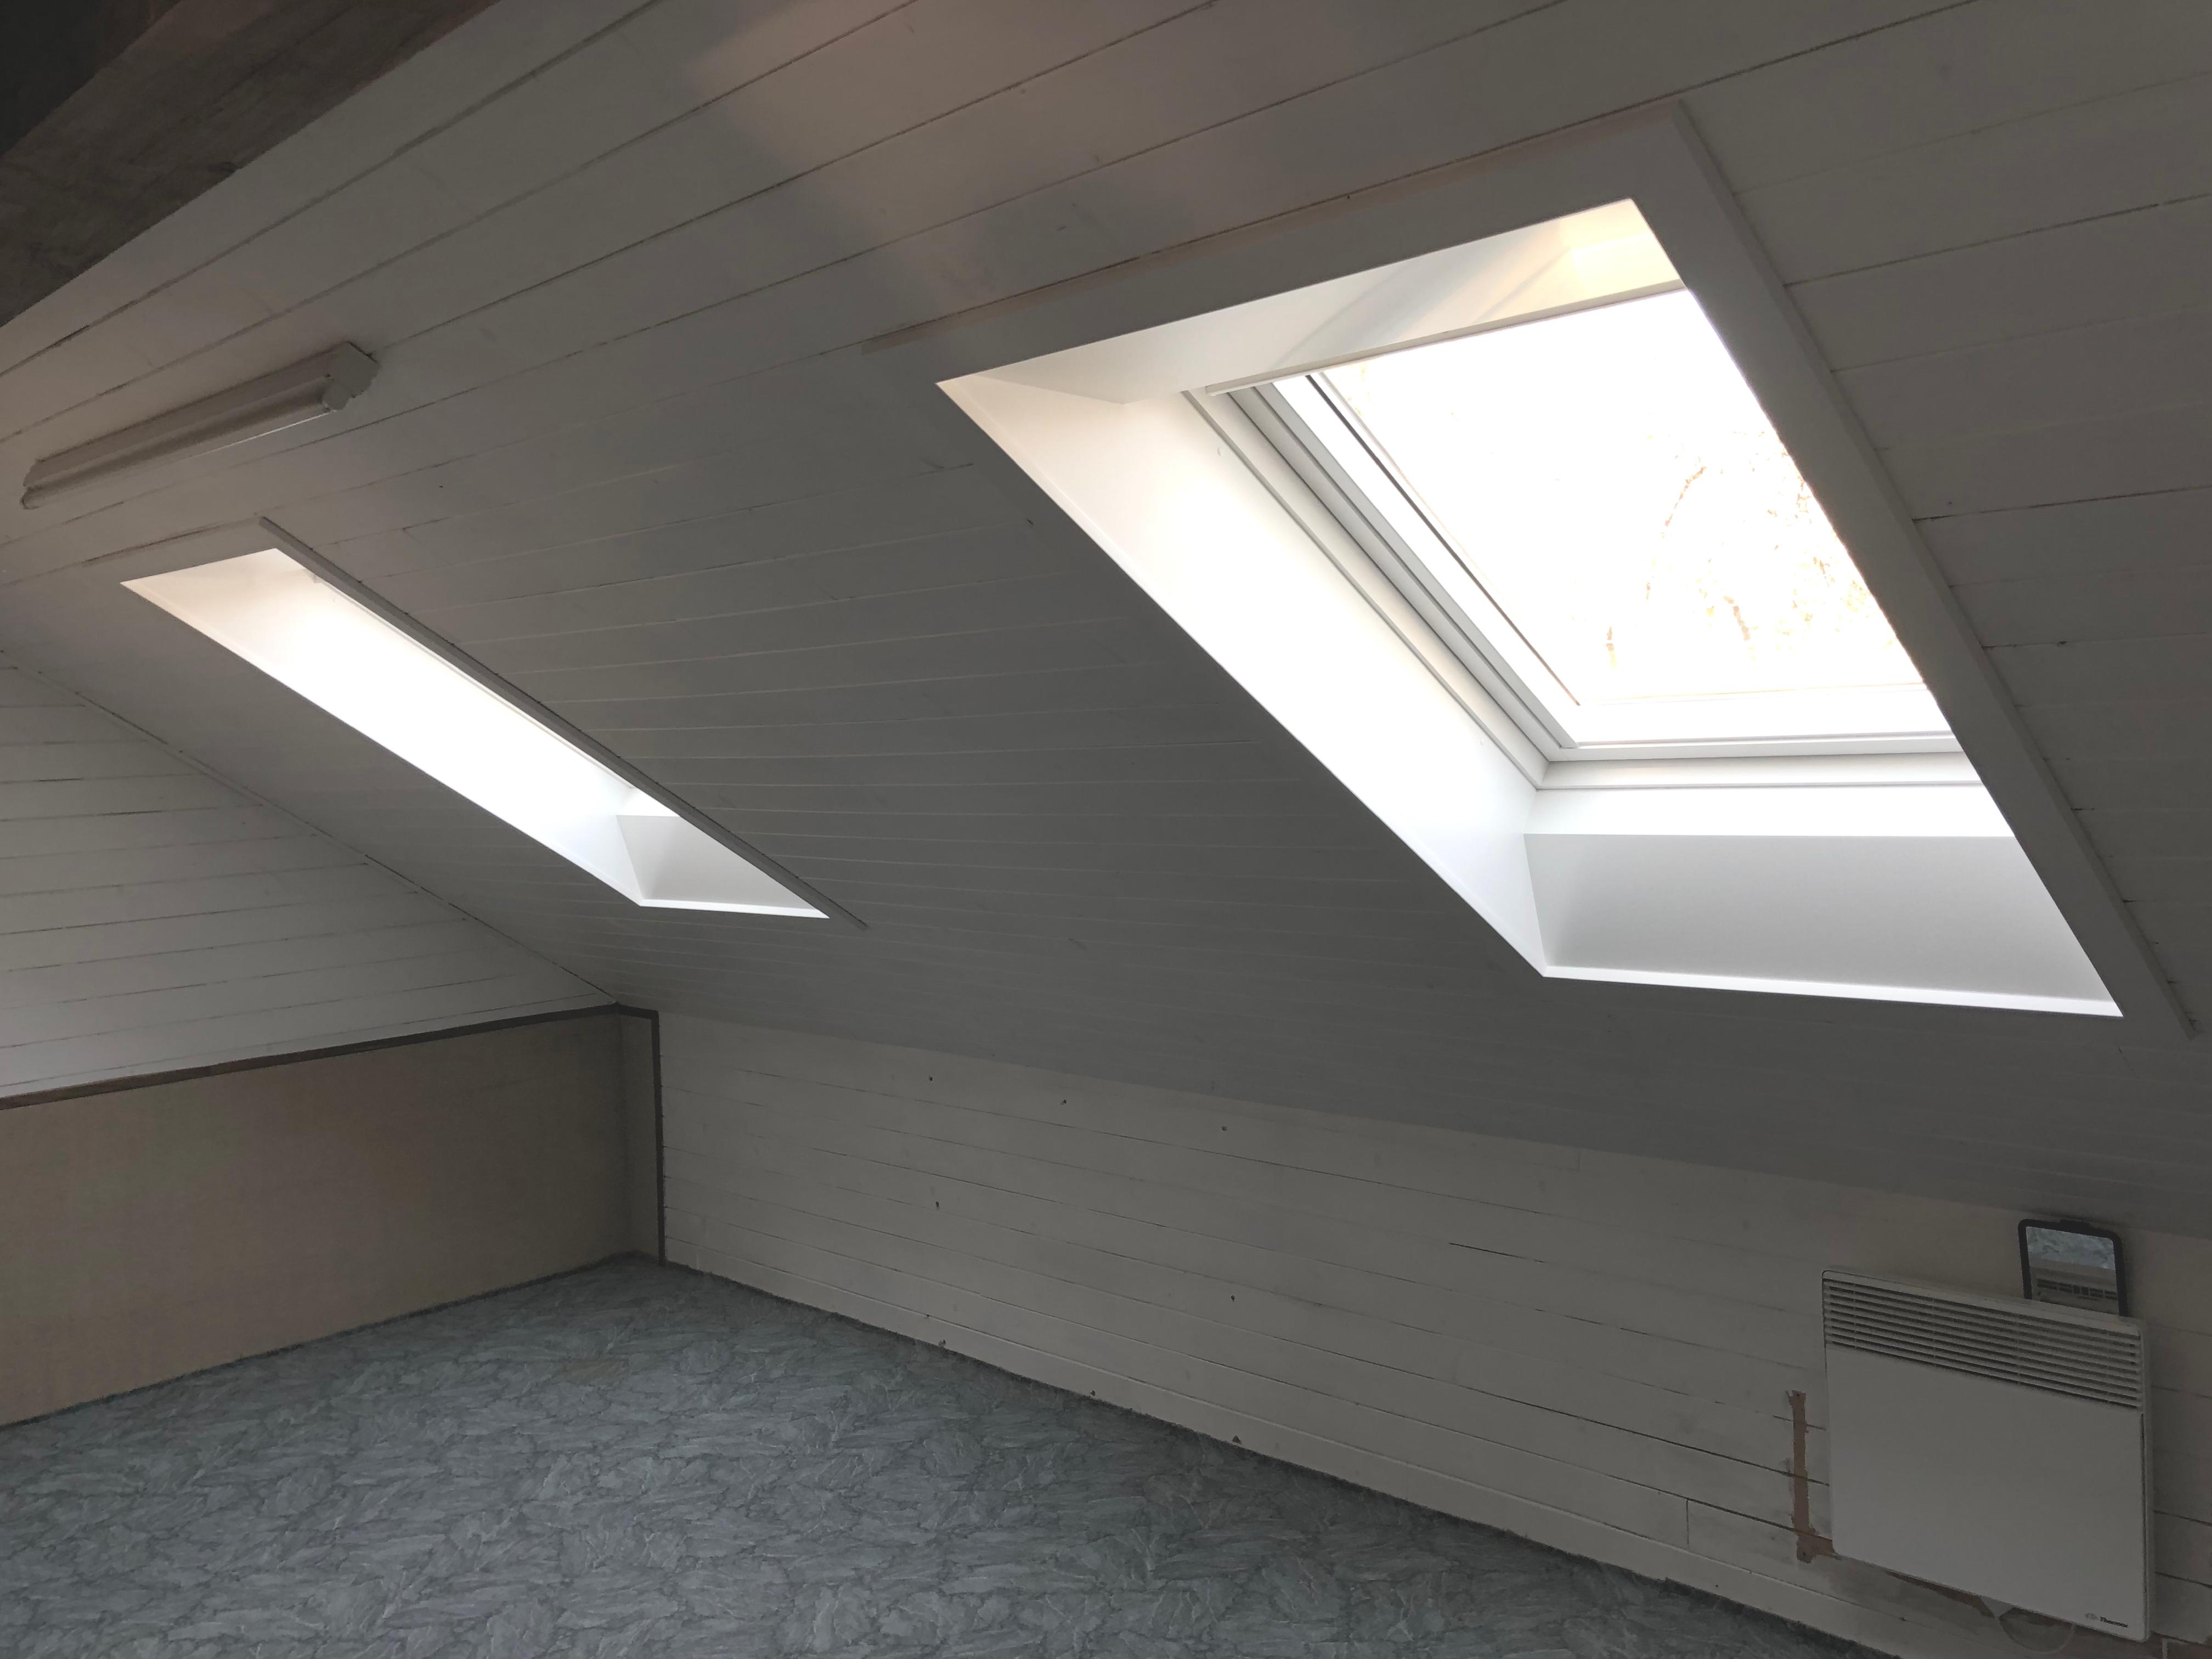 Pose de 2 fenêtres de toit VELUX à Saint-Jorioz en Haute-Savoie